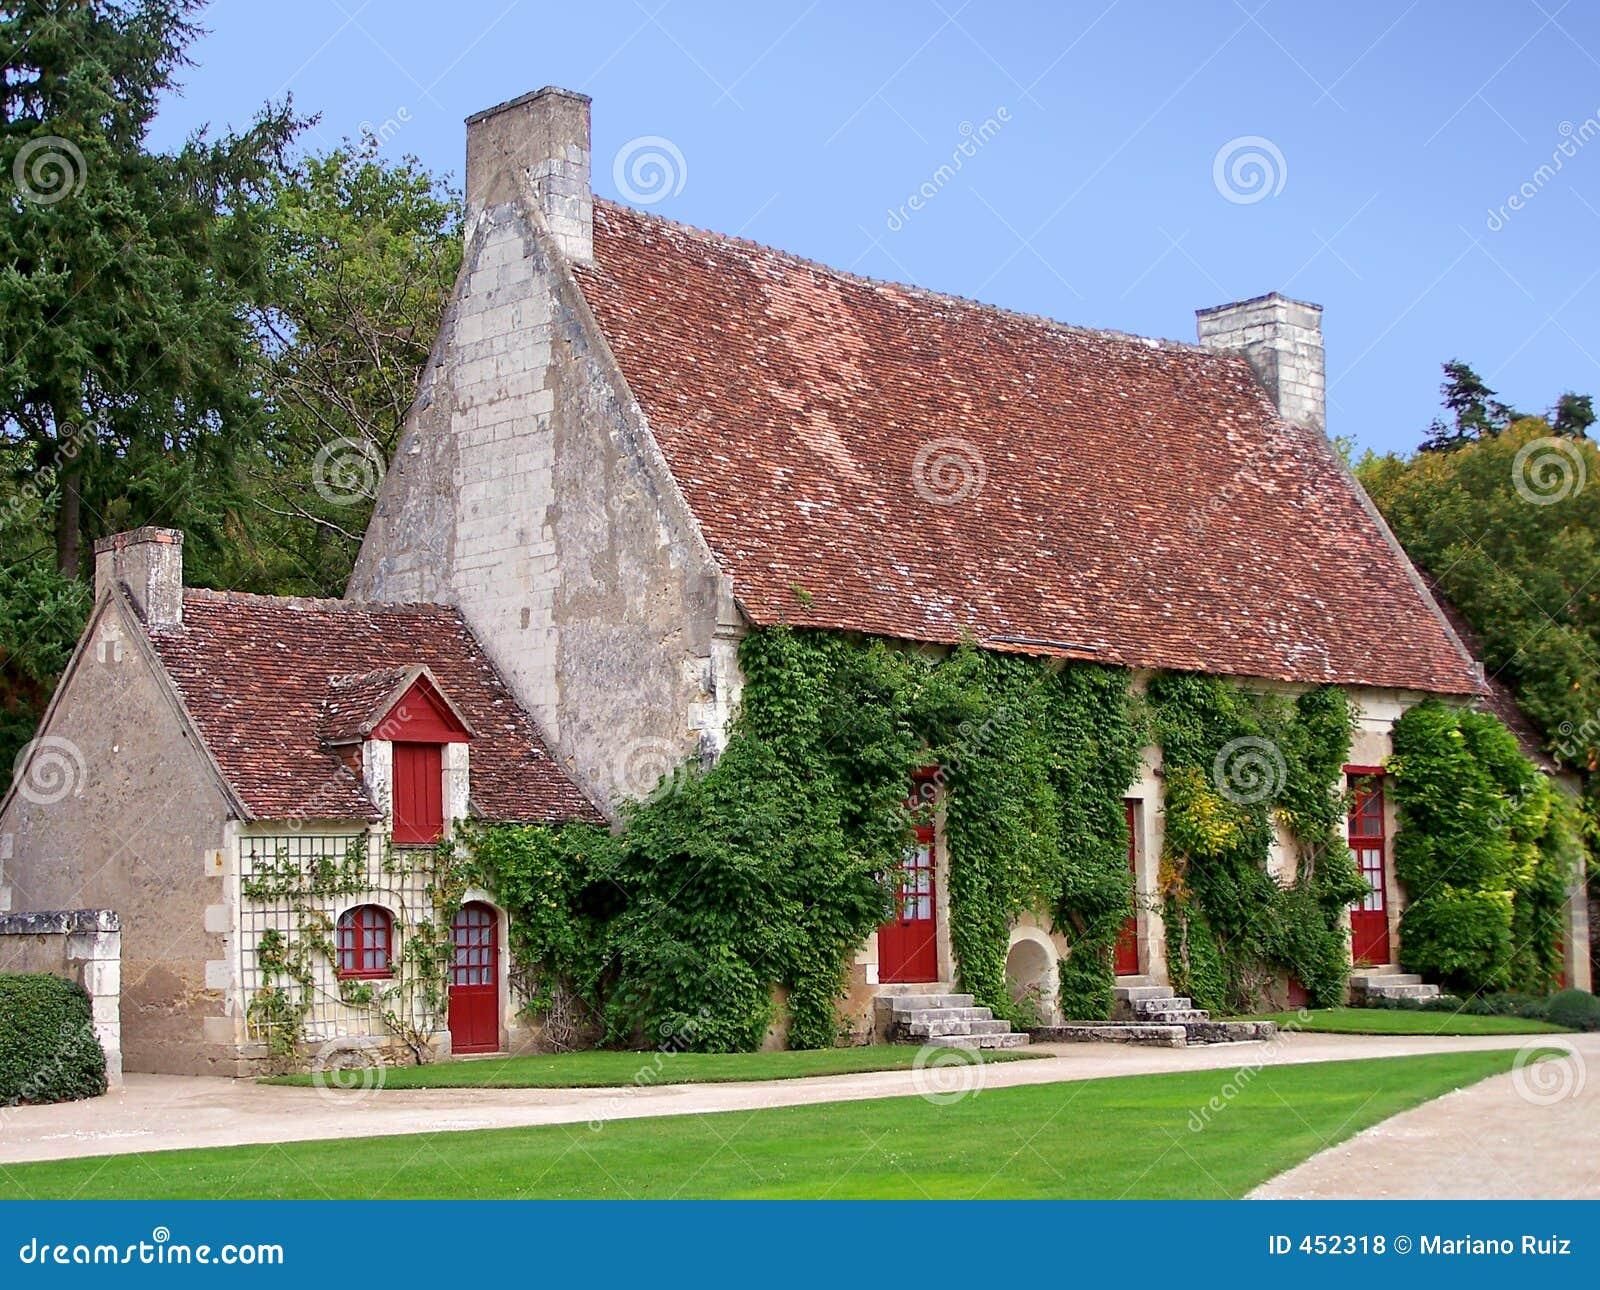 Maison de campagne fran aise photos libres de droits - Vieille maison de campagne ...